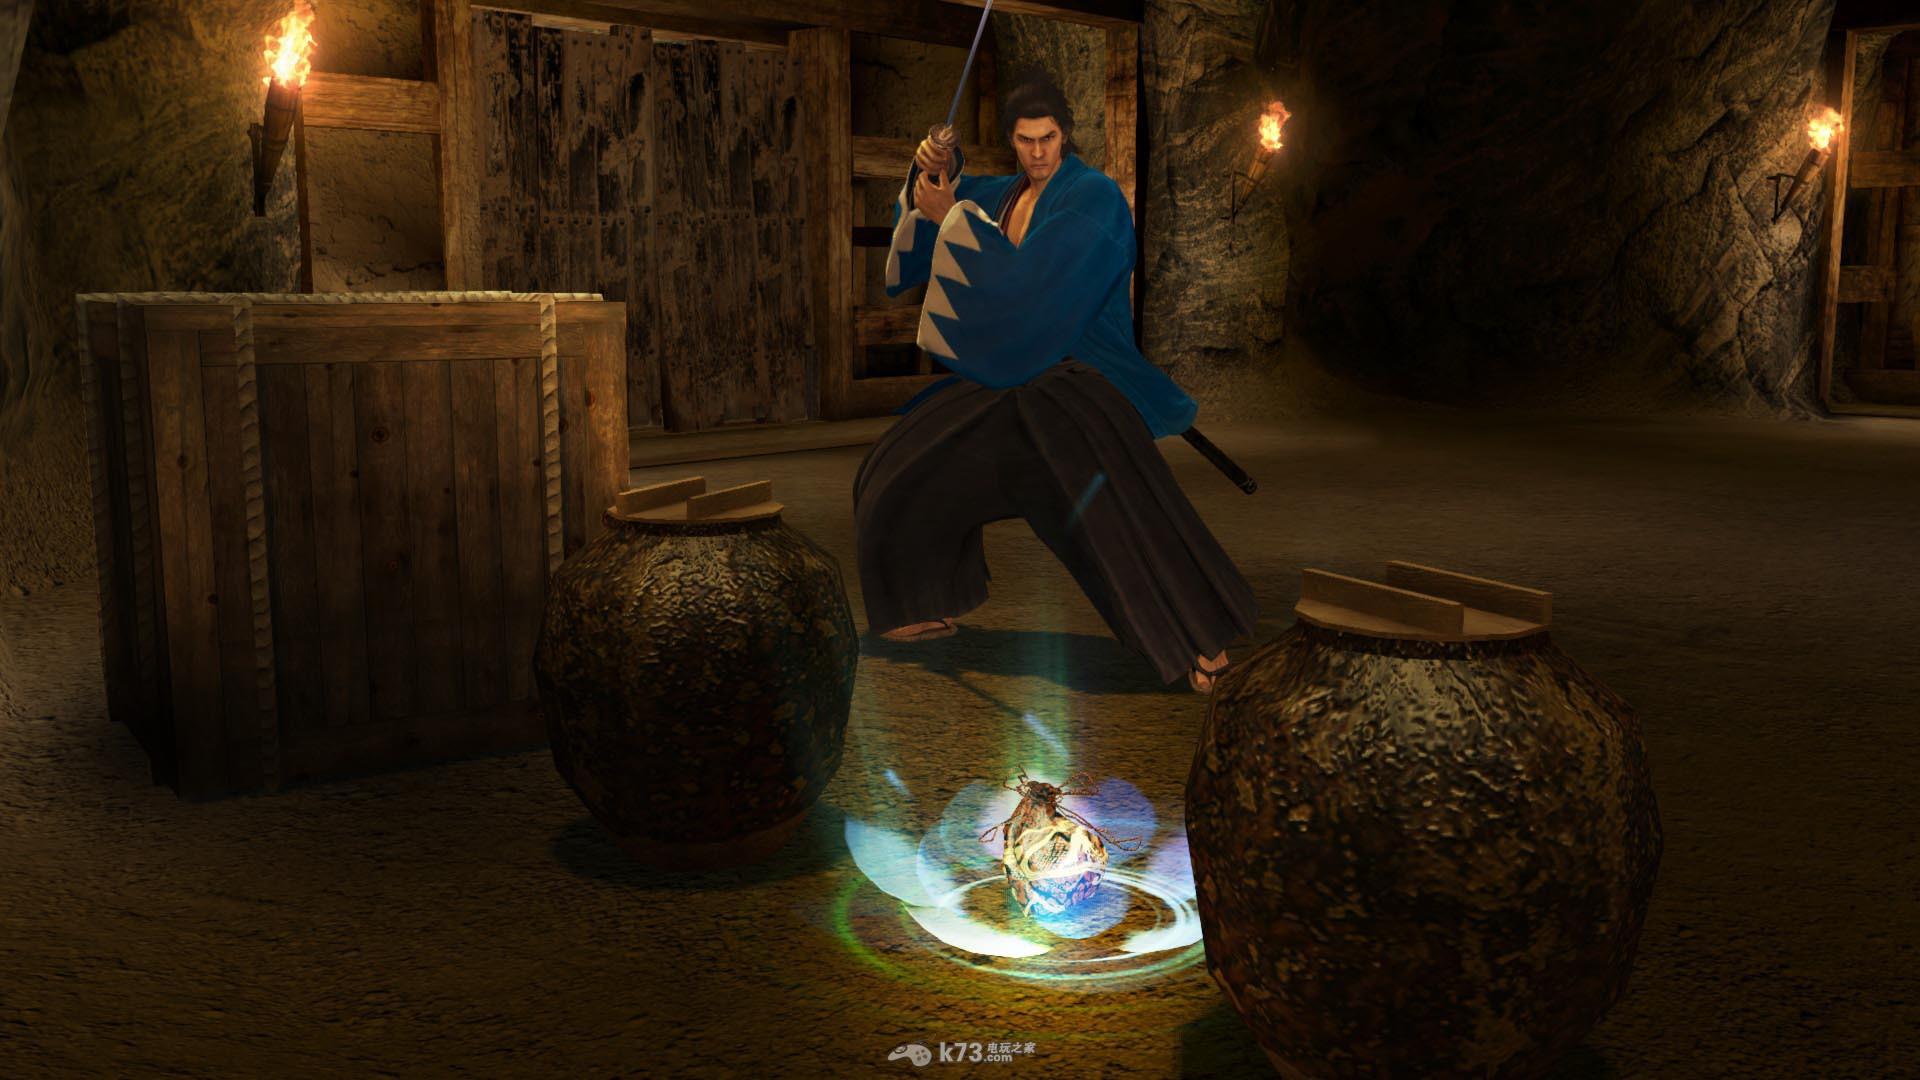 《如龙要点》维新评价强化及制作系统发球乒乓球介绍的武器图片